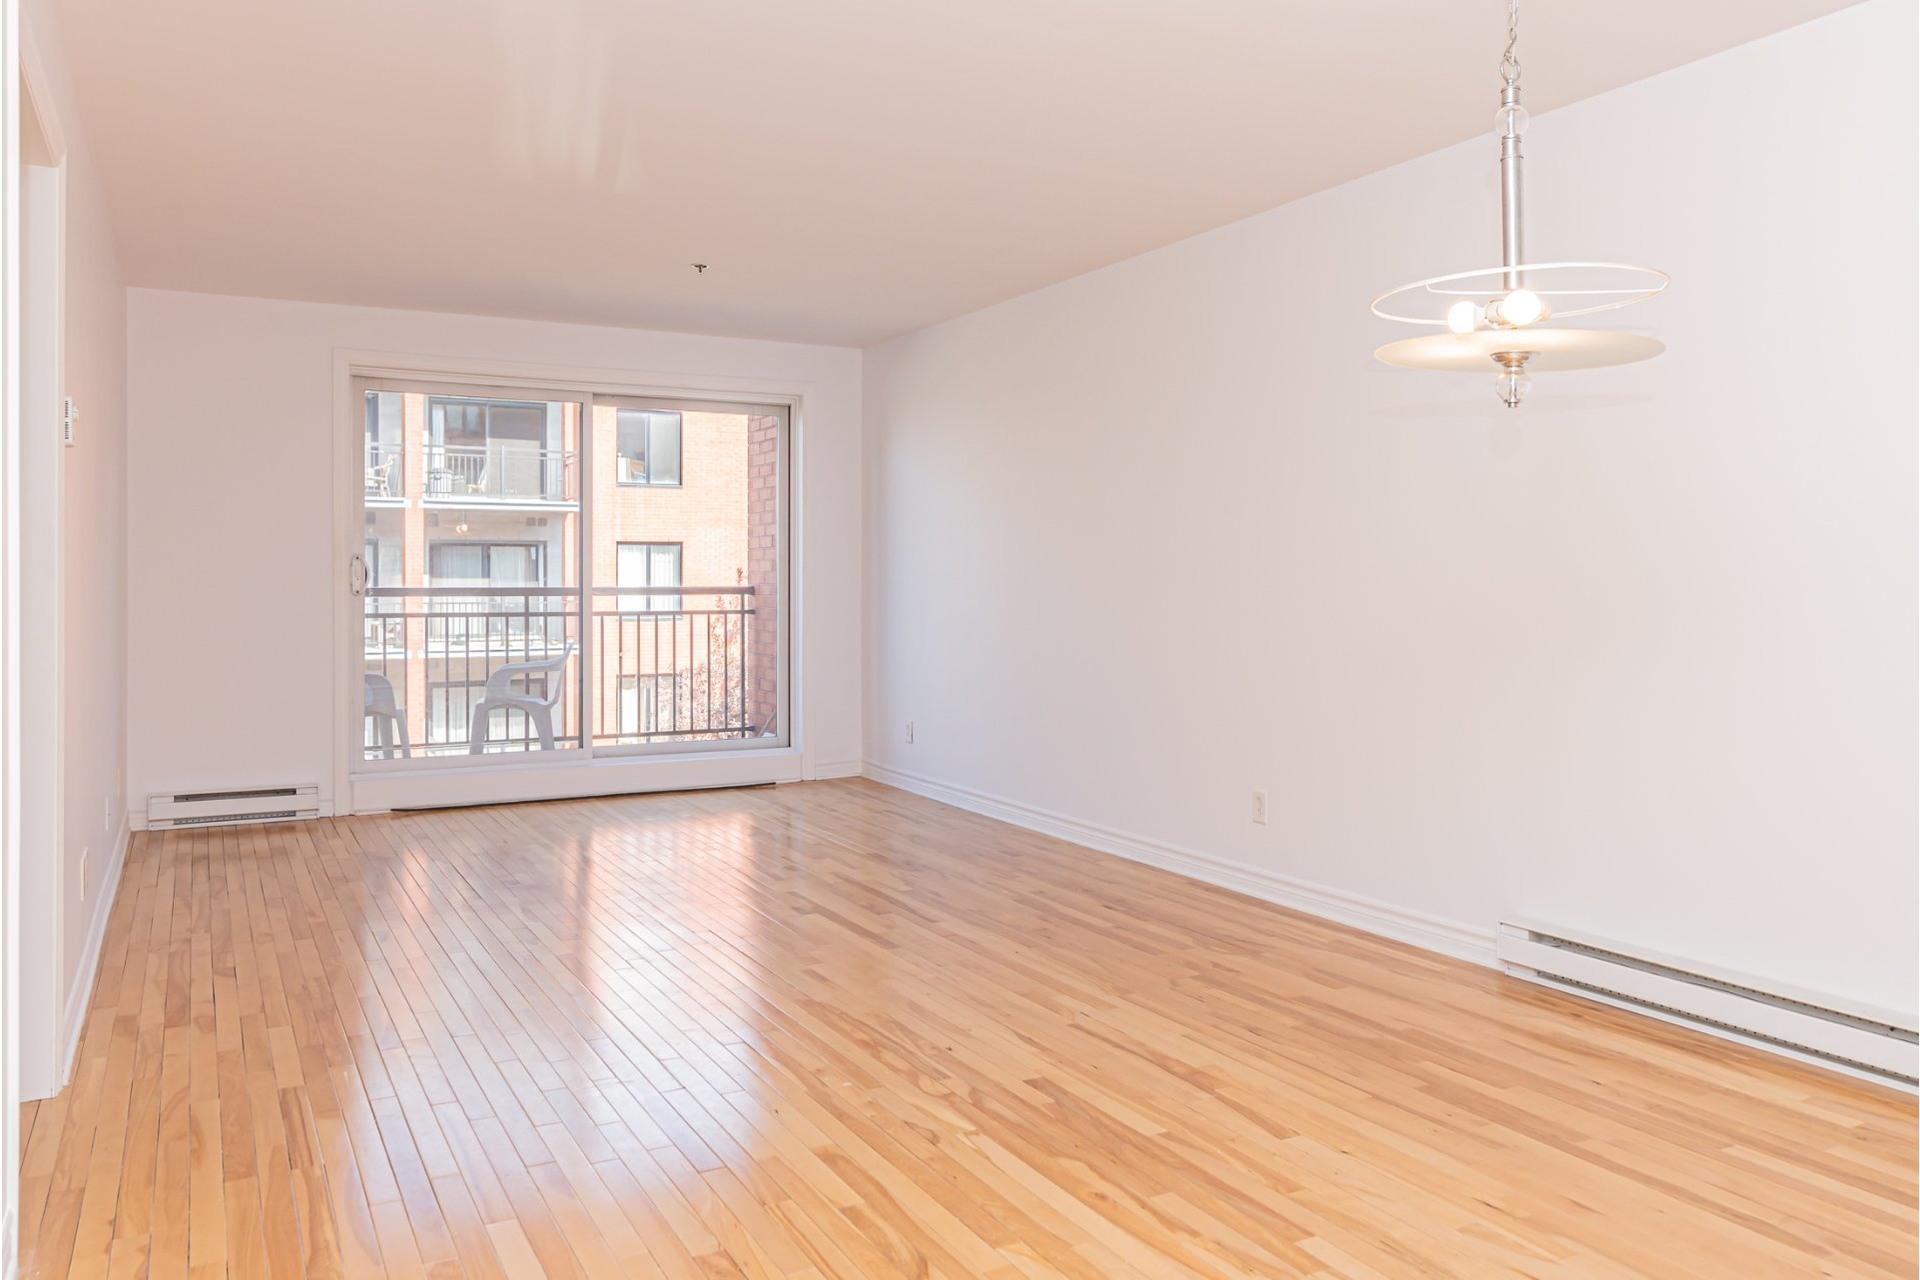 image 12 - Appartement À vendre Mercier/Hochelaga-Maisonneuve Montréal  - 4 pièces